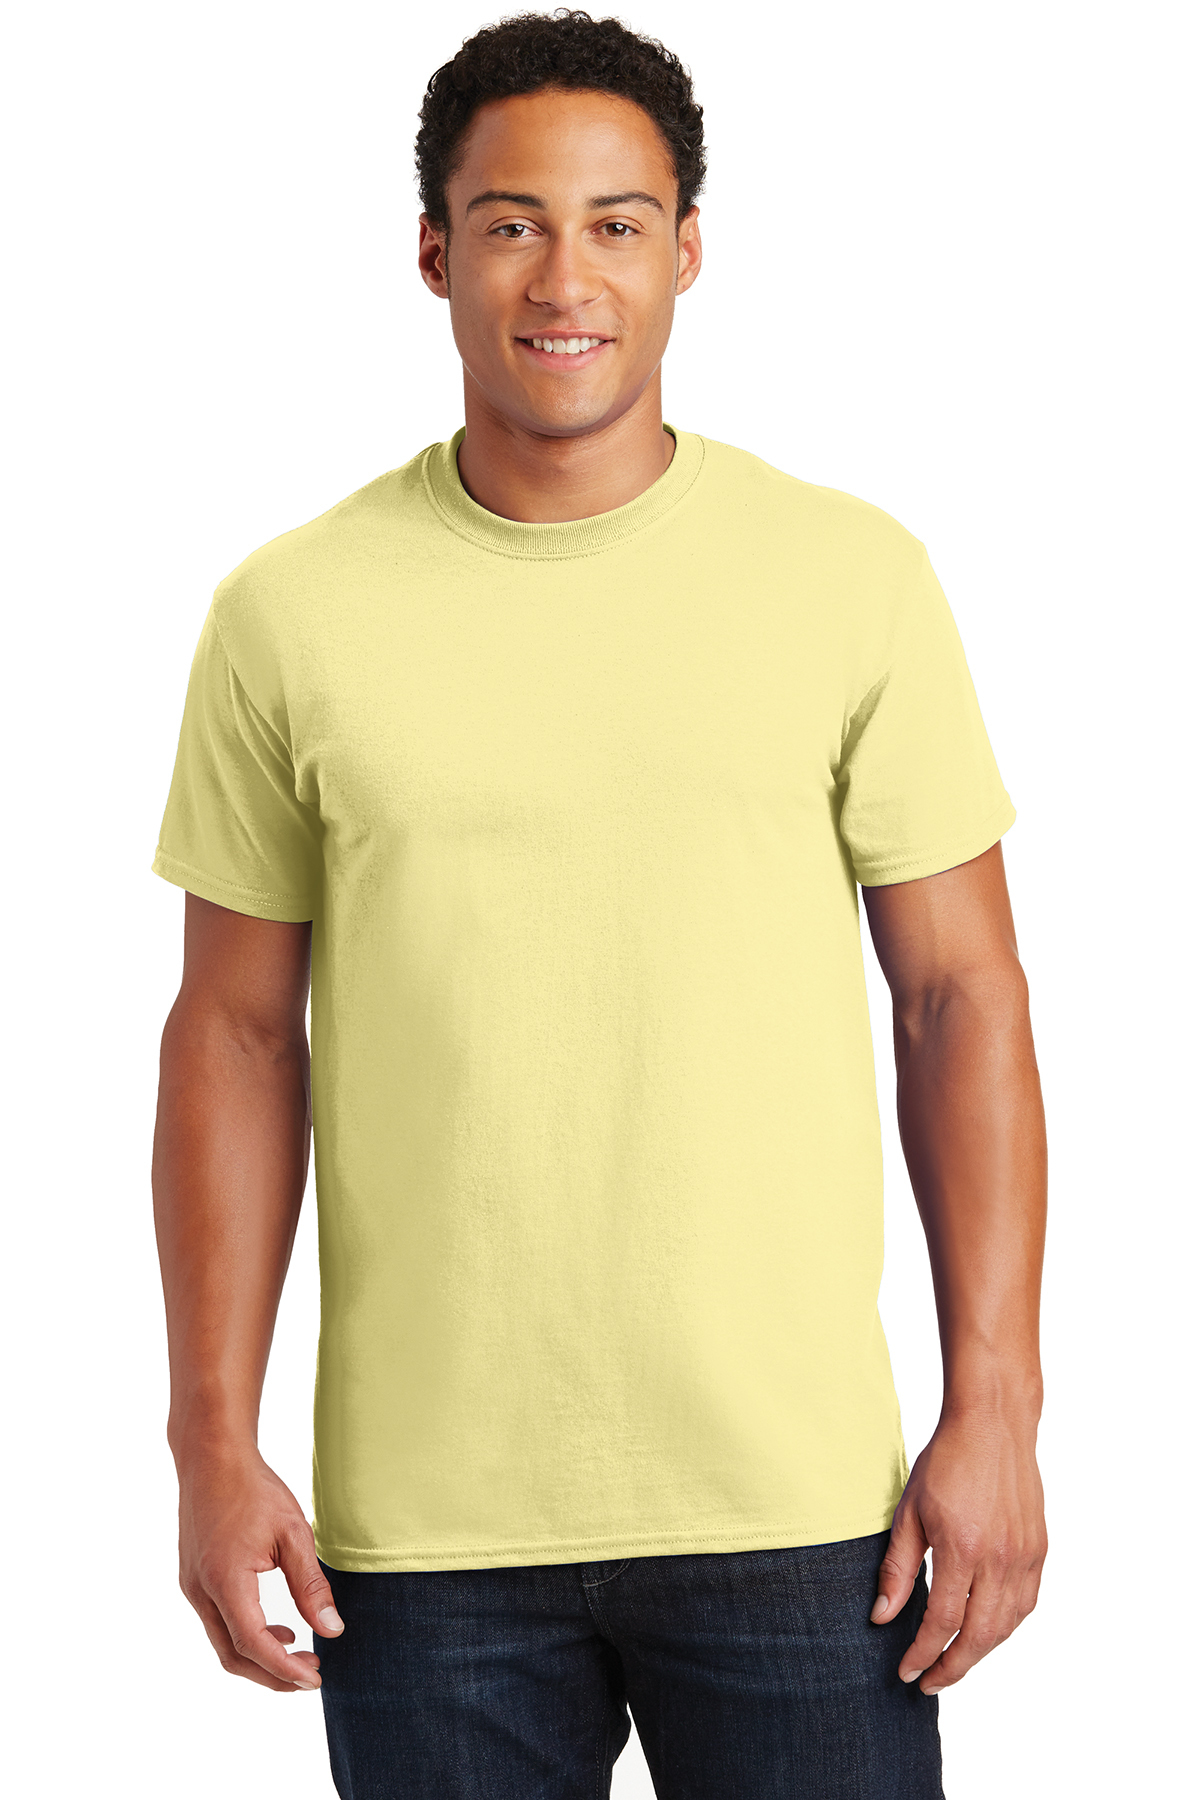 41892c08 Gildan® - Ultra Cotton® 100% Cotton T-Shirt | 6-6.1 100% Cotton | T ...